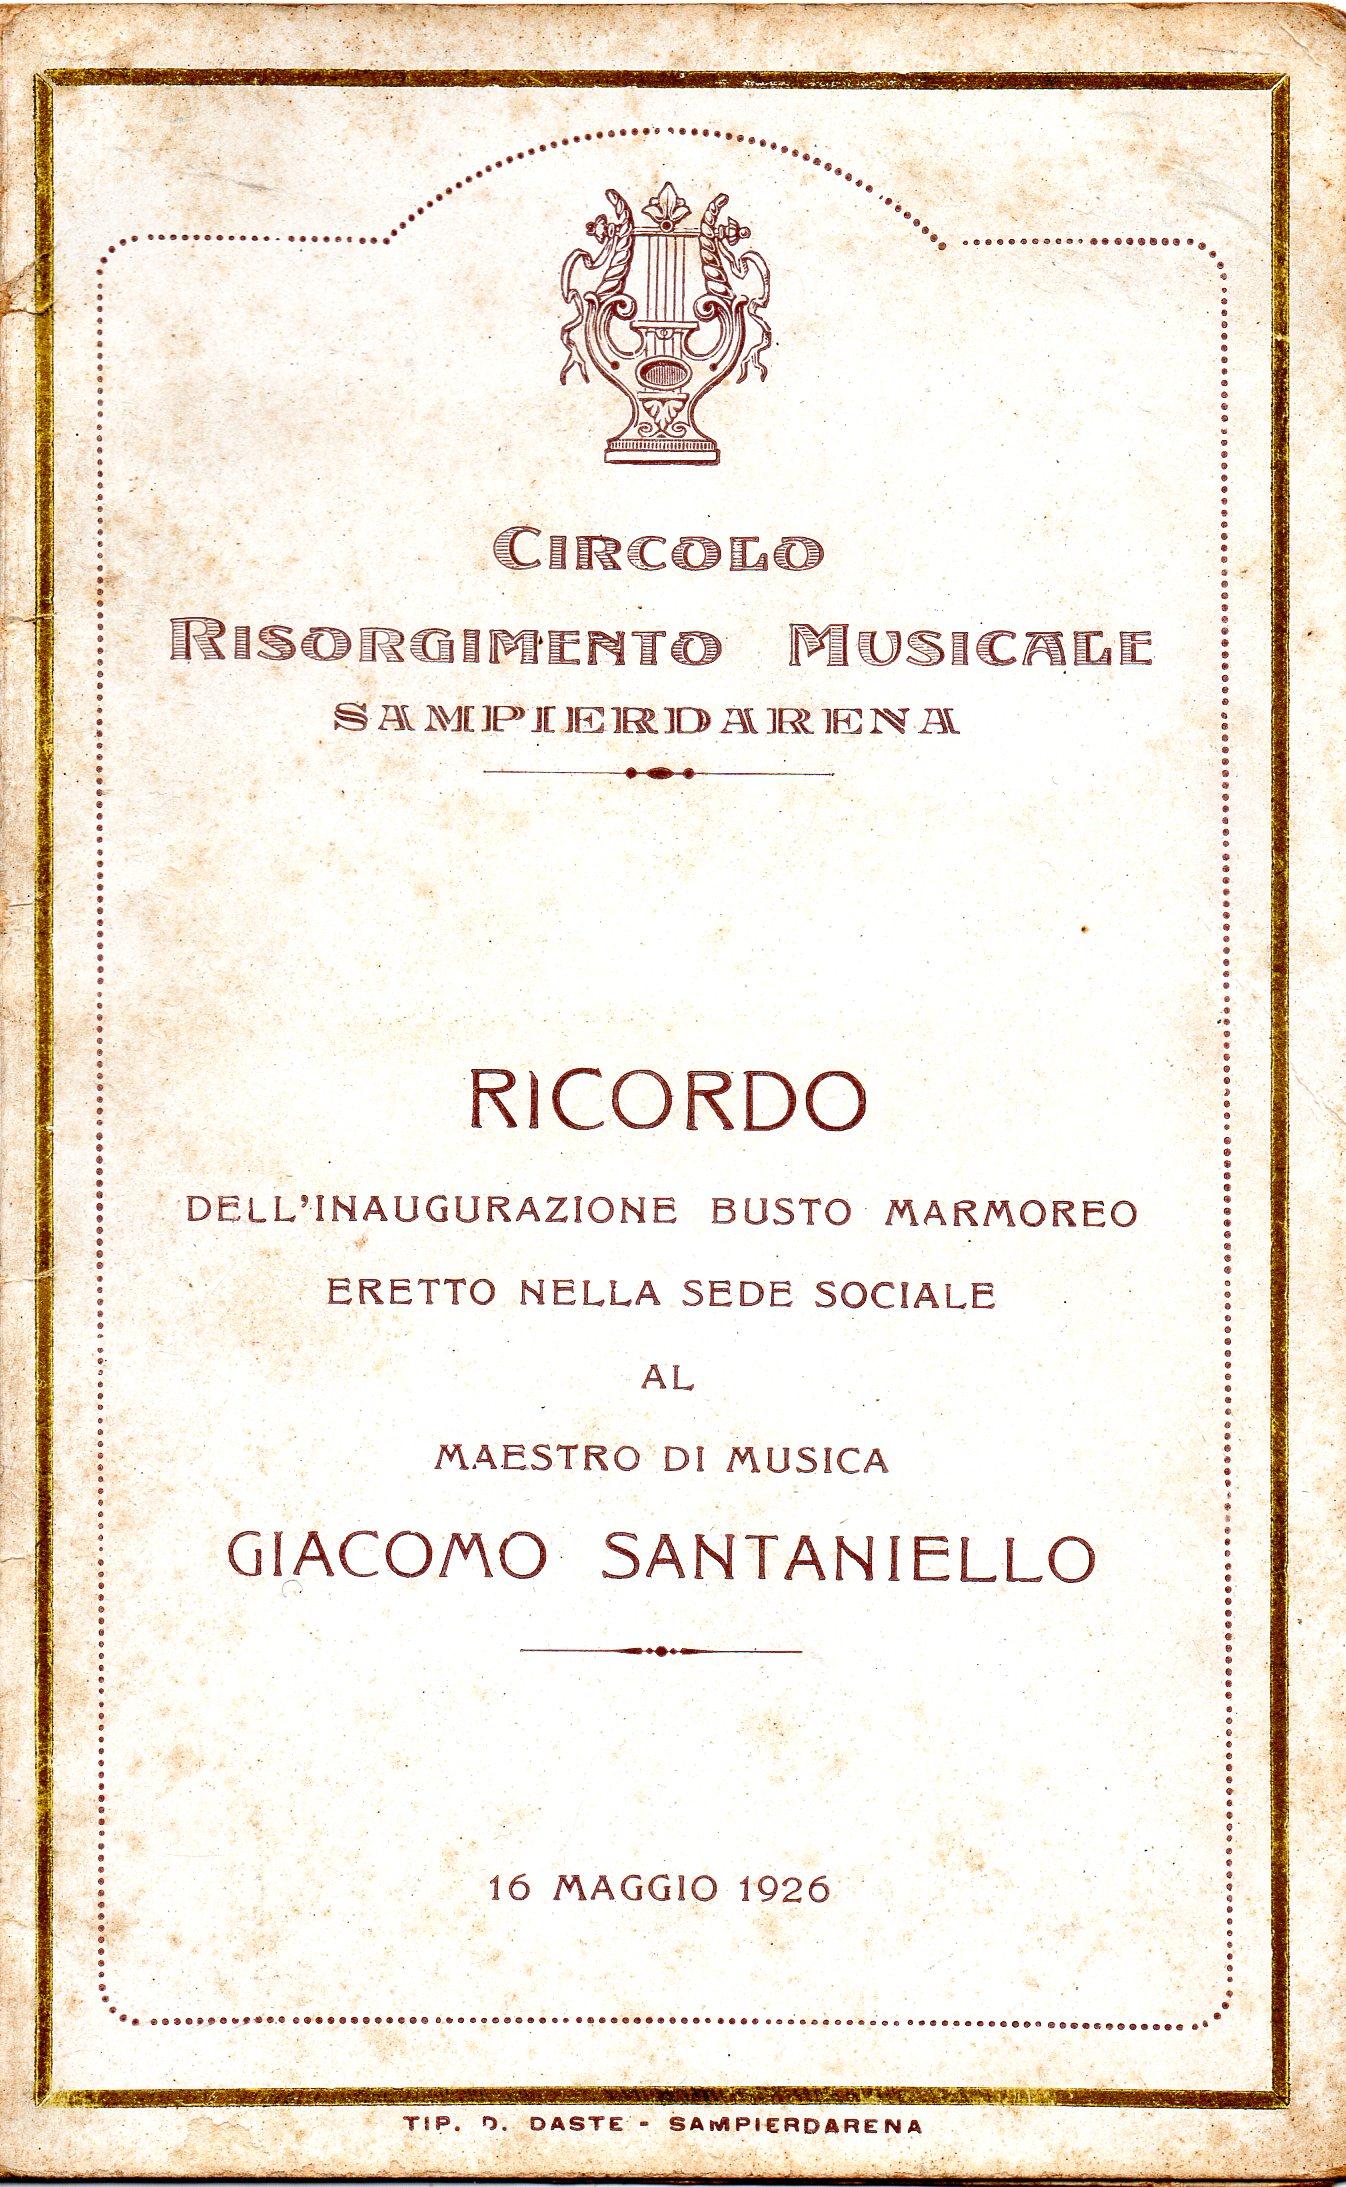 CIRCOLO RISORGIMENTO MUSICALE